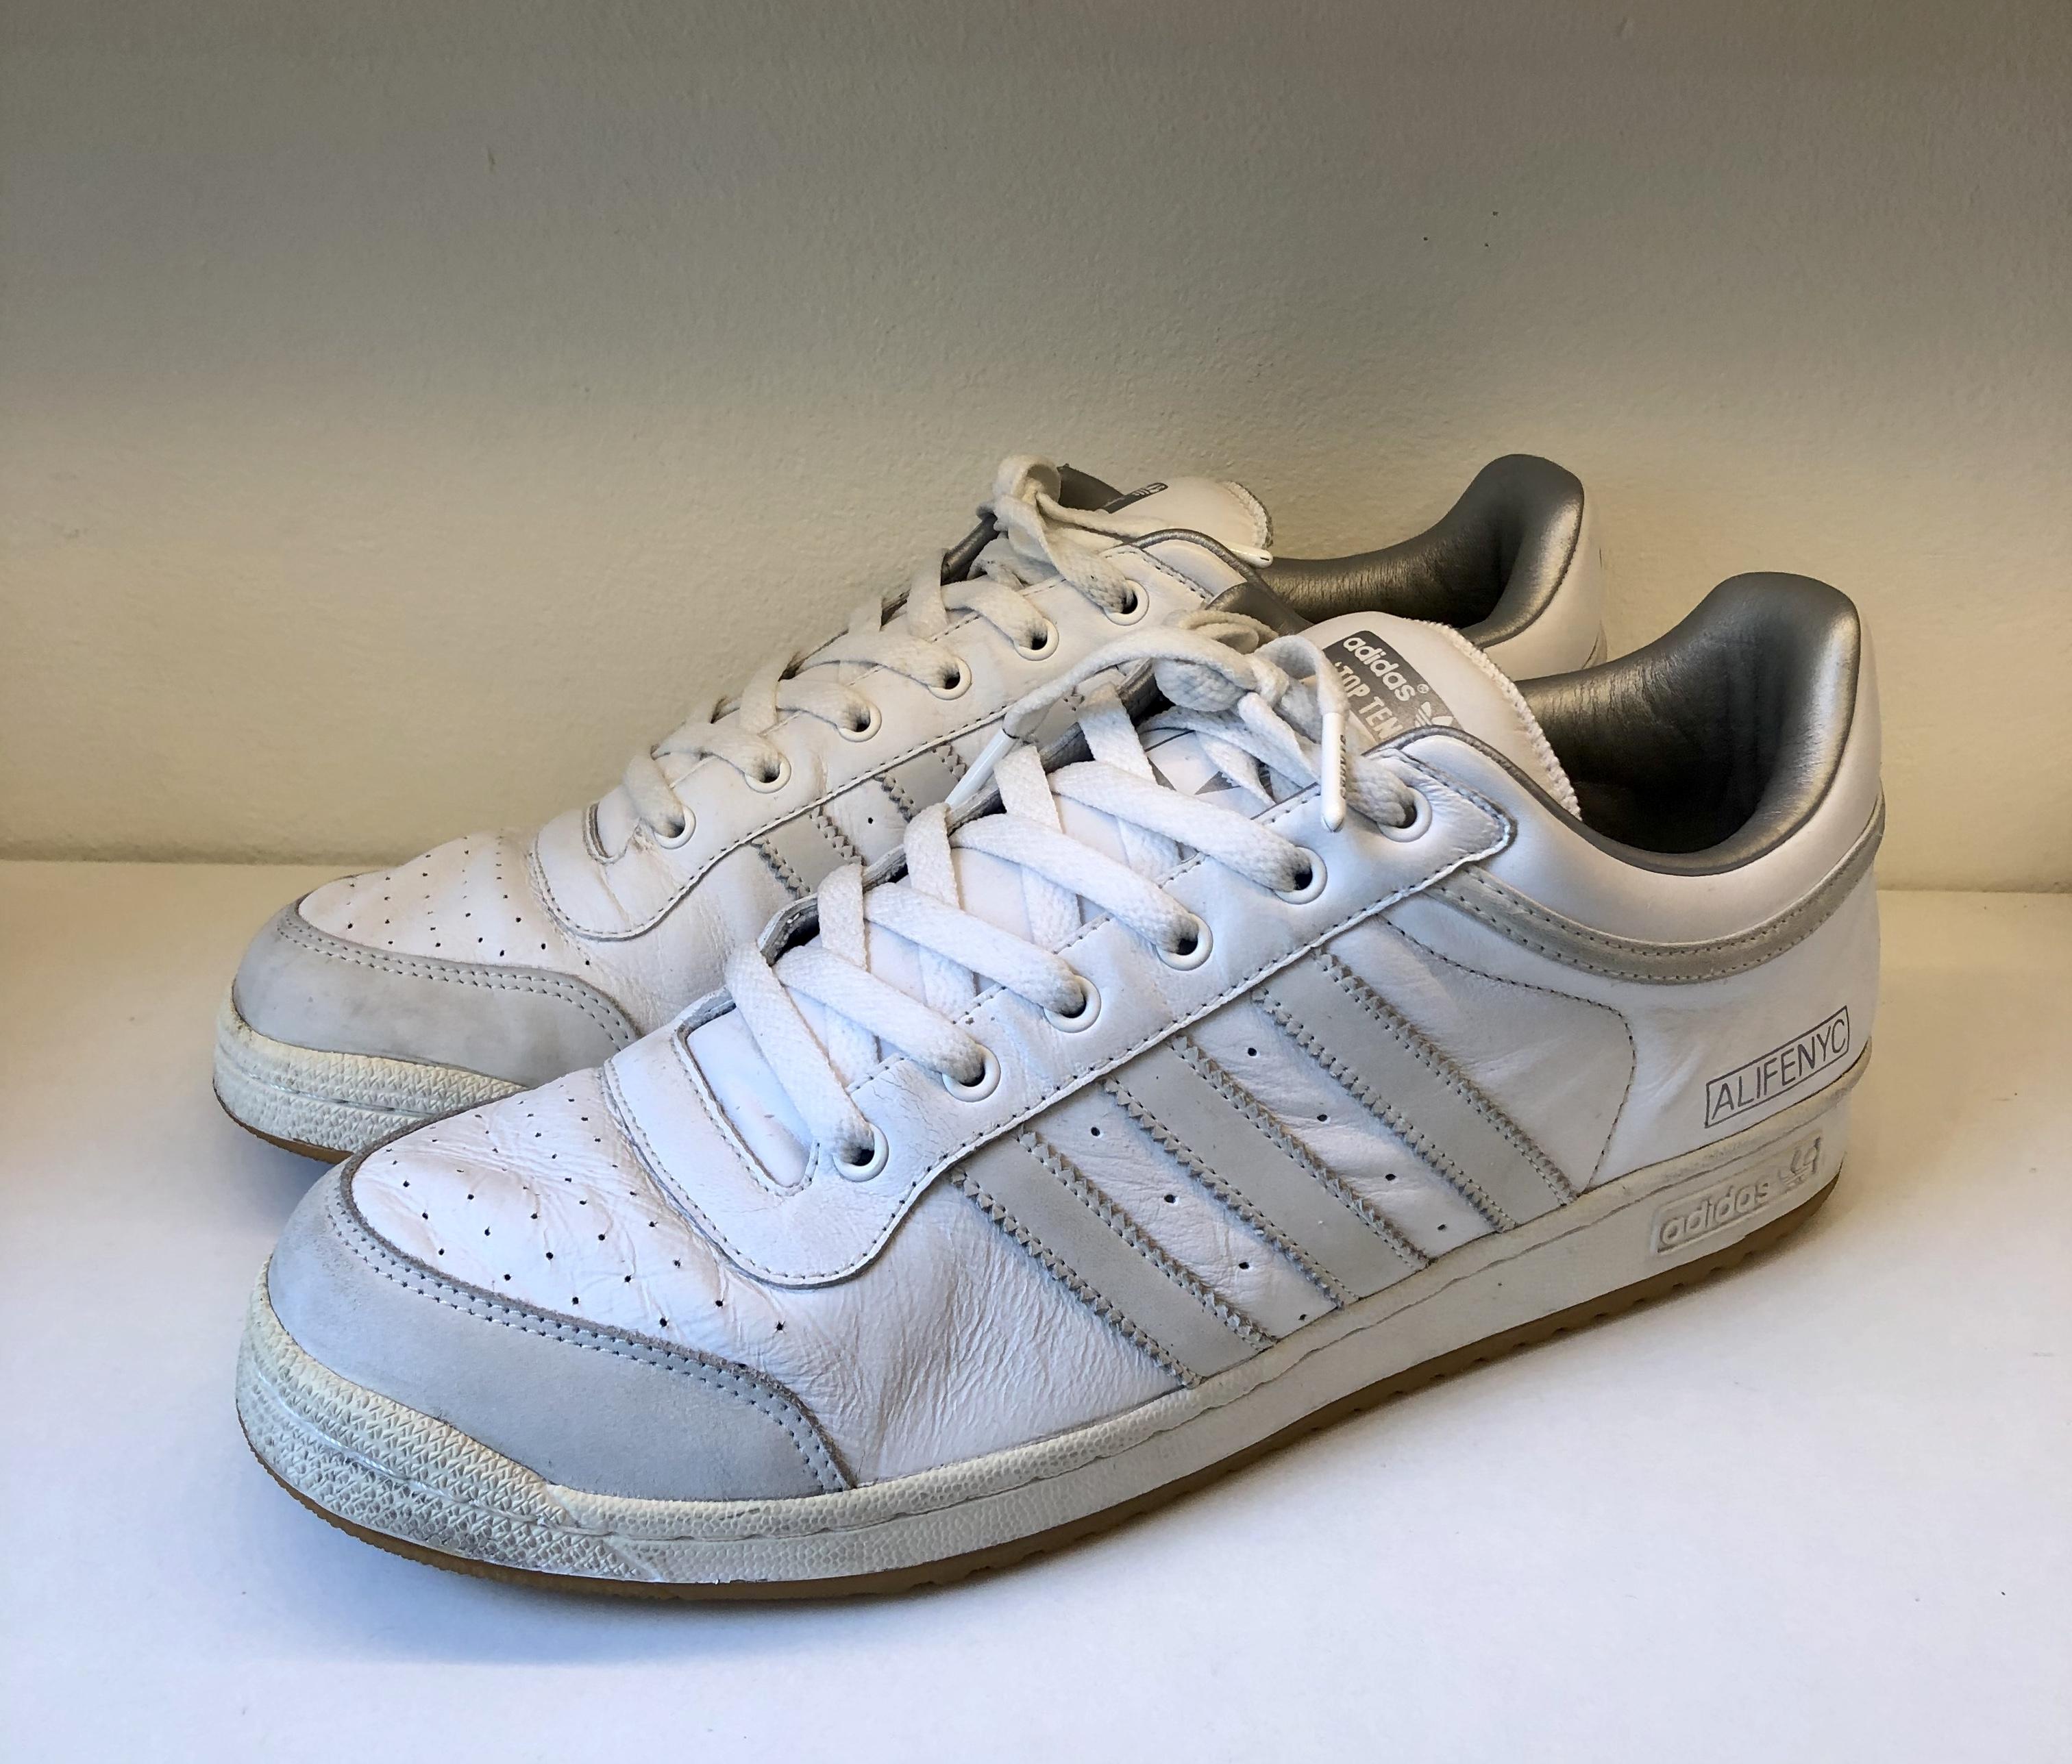 Adidas Top Ten Low AlifeNYC